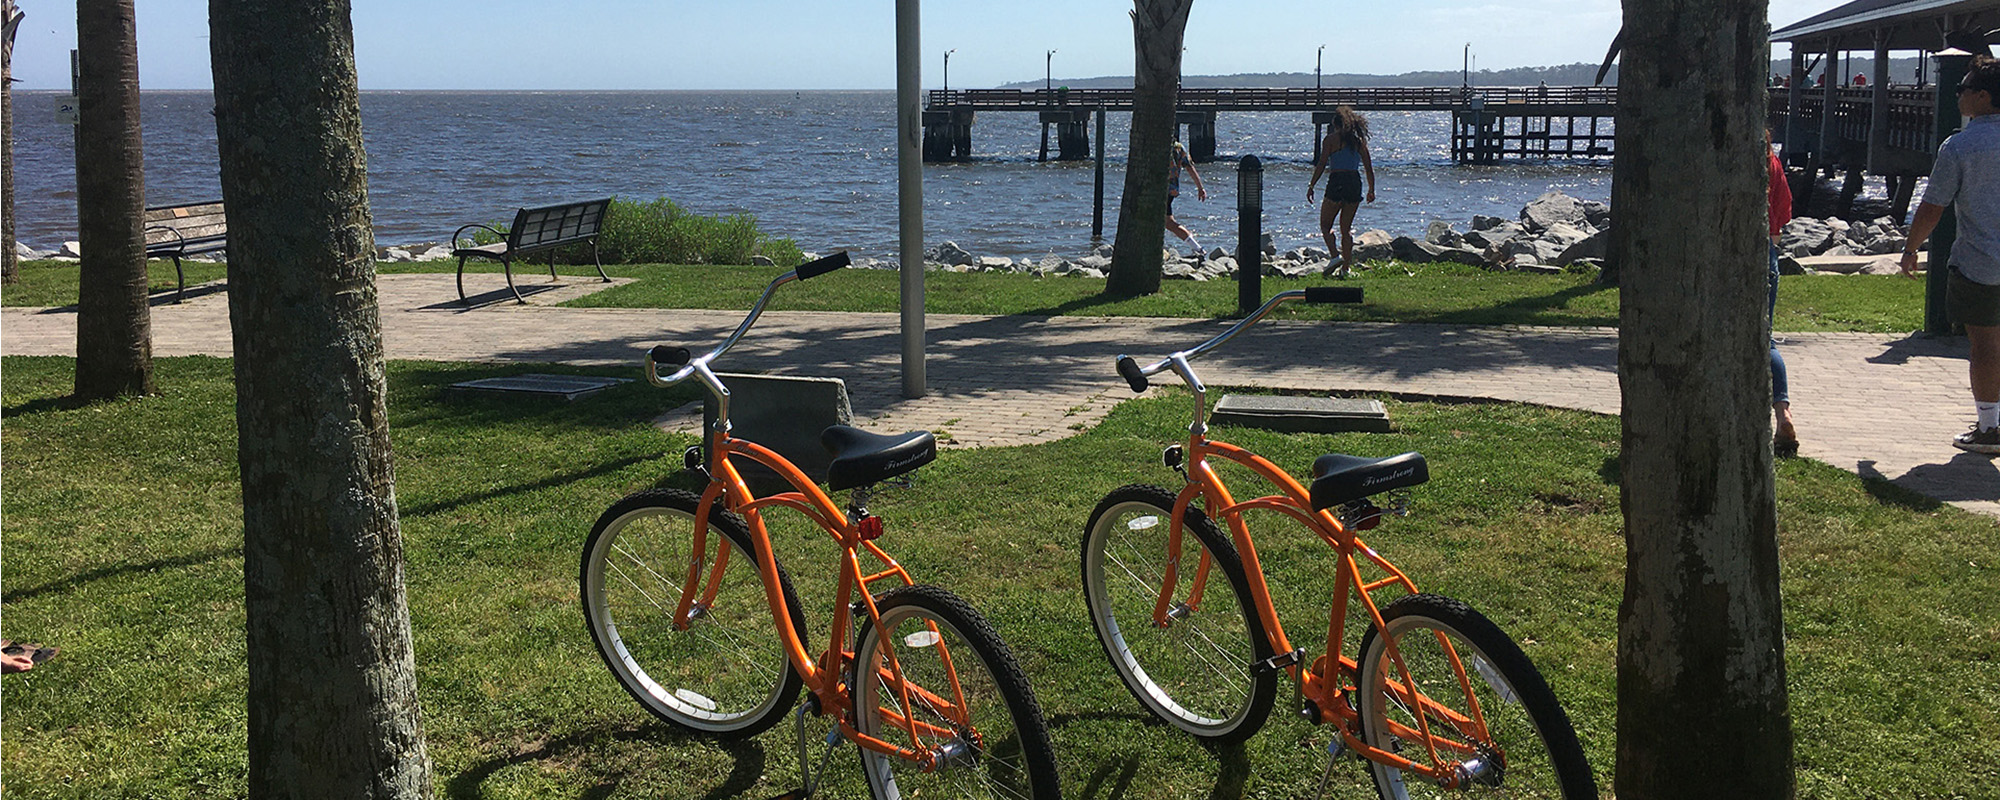 Two Orange Bikes on tour at Neptune Park St. Simons Island